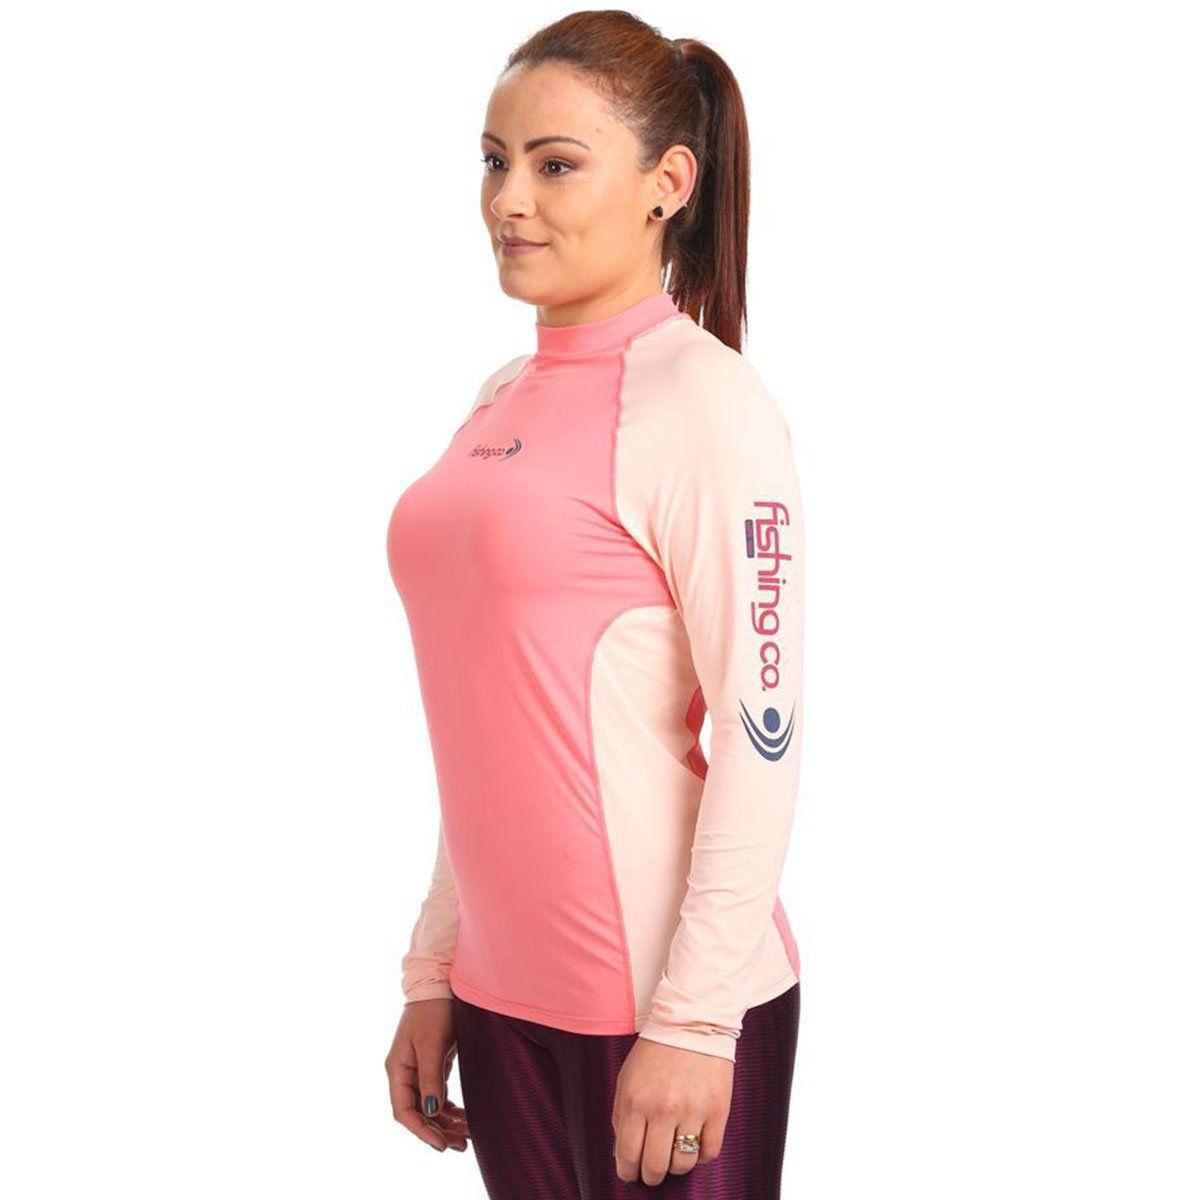 Camiseta Fishing Co Feminina com Recorte Electric e Tule